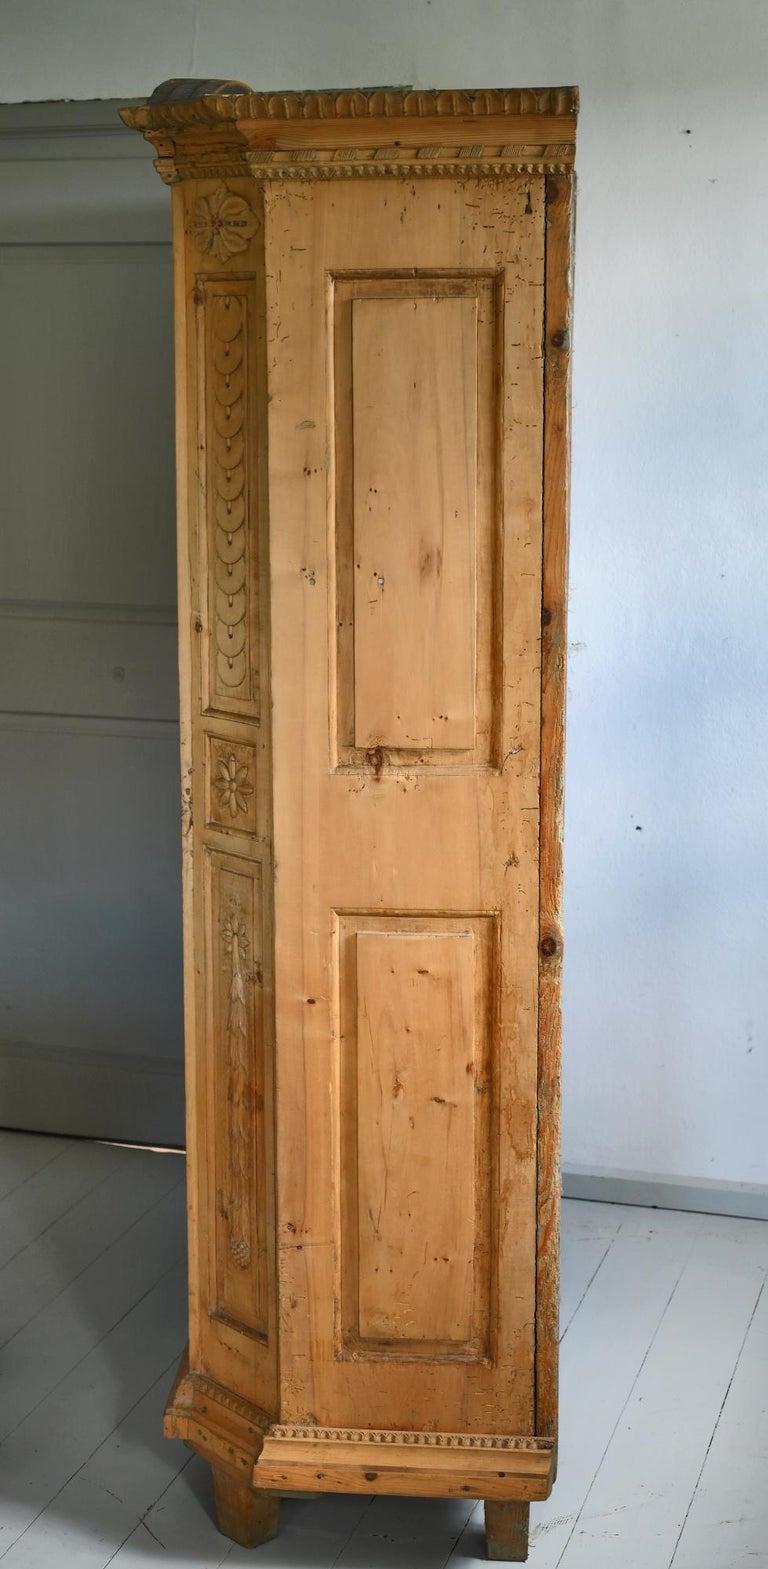 19th Century Carved Cabinet Bavaria Landsberg Lech, Wedding Cabinet Folkart For Sale 2